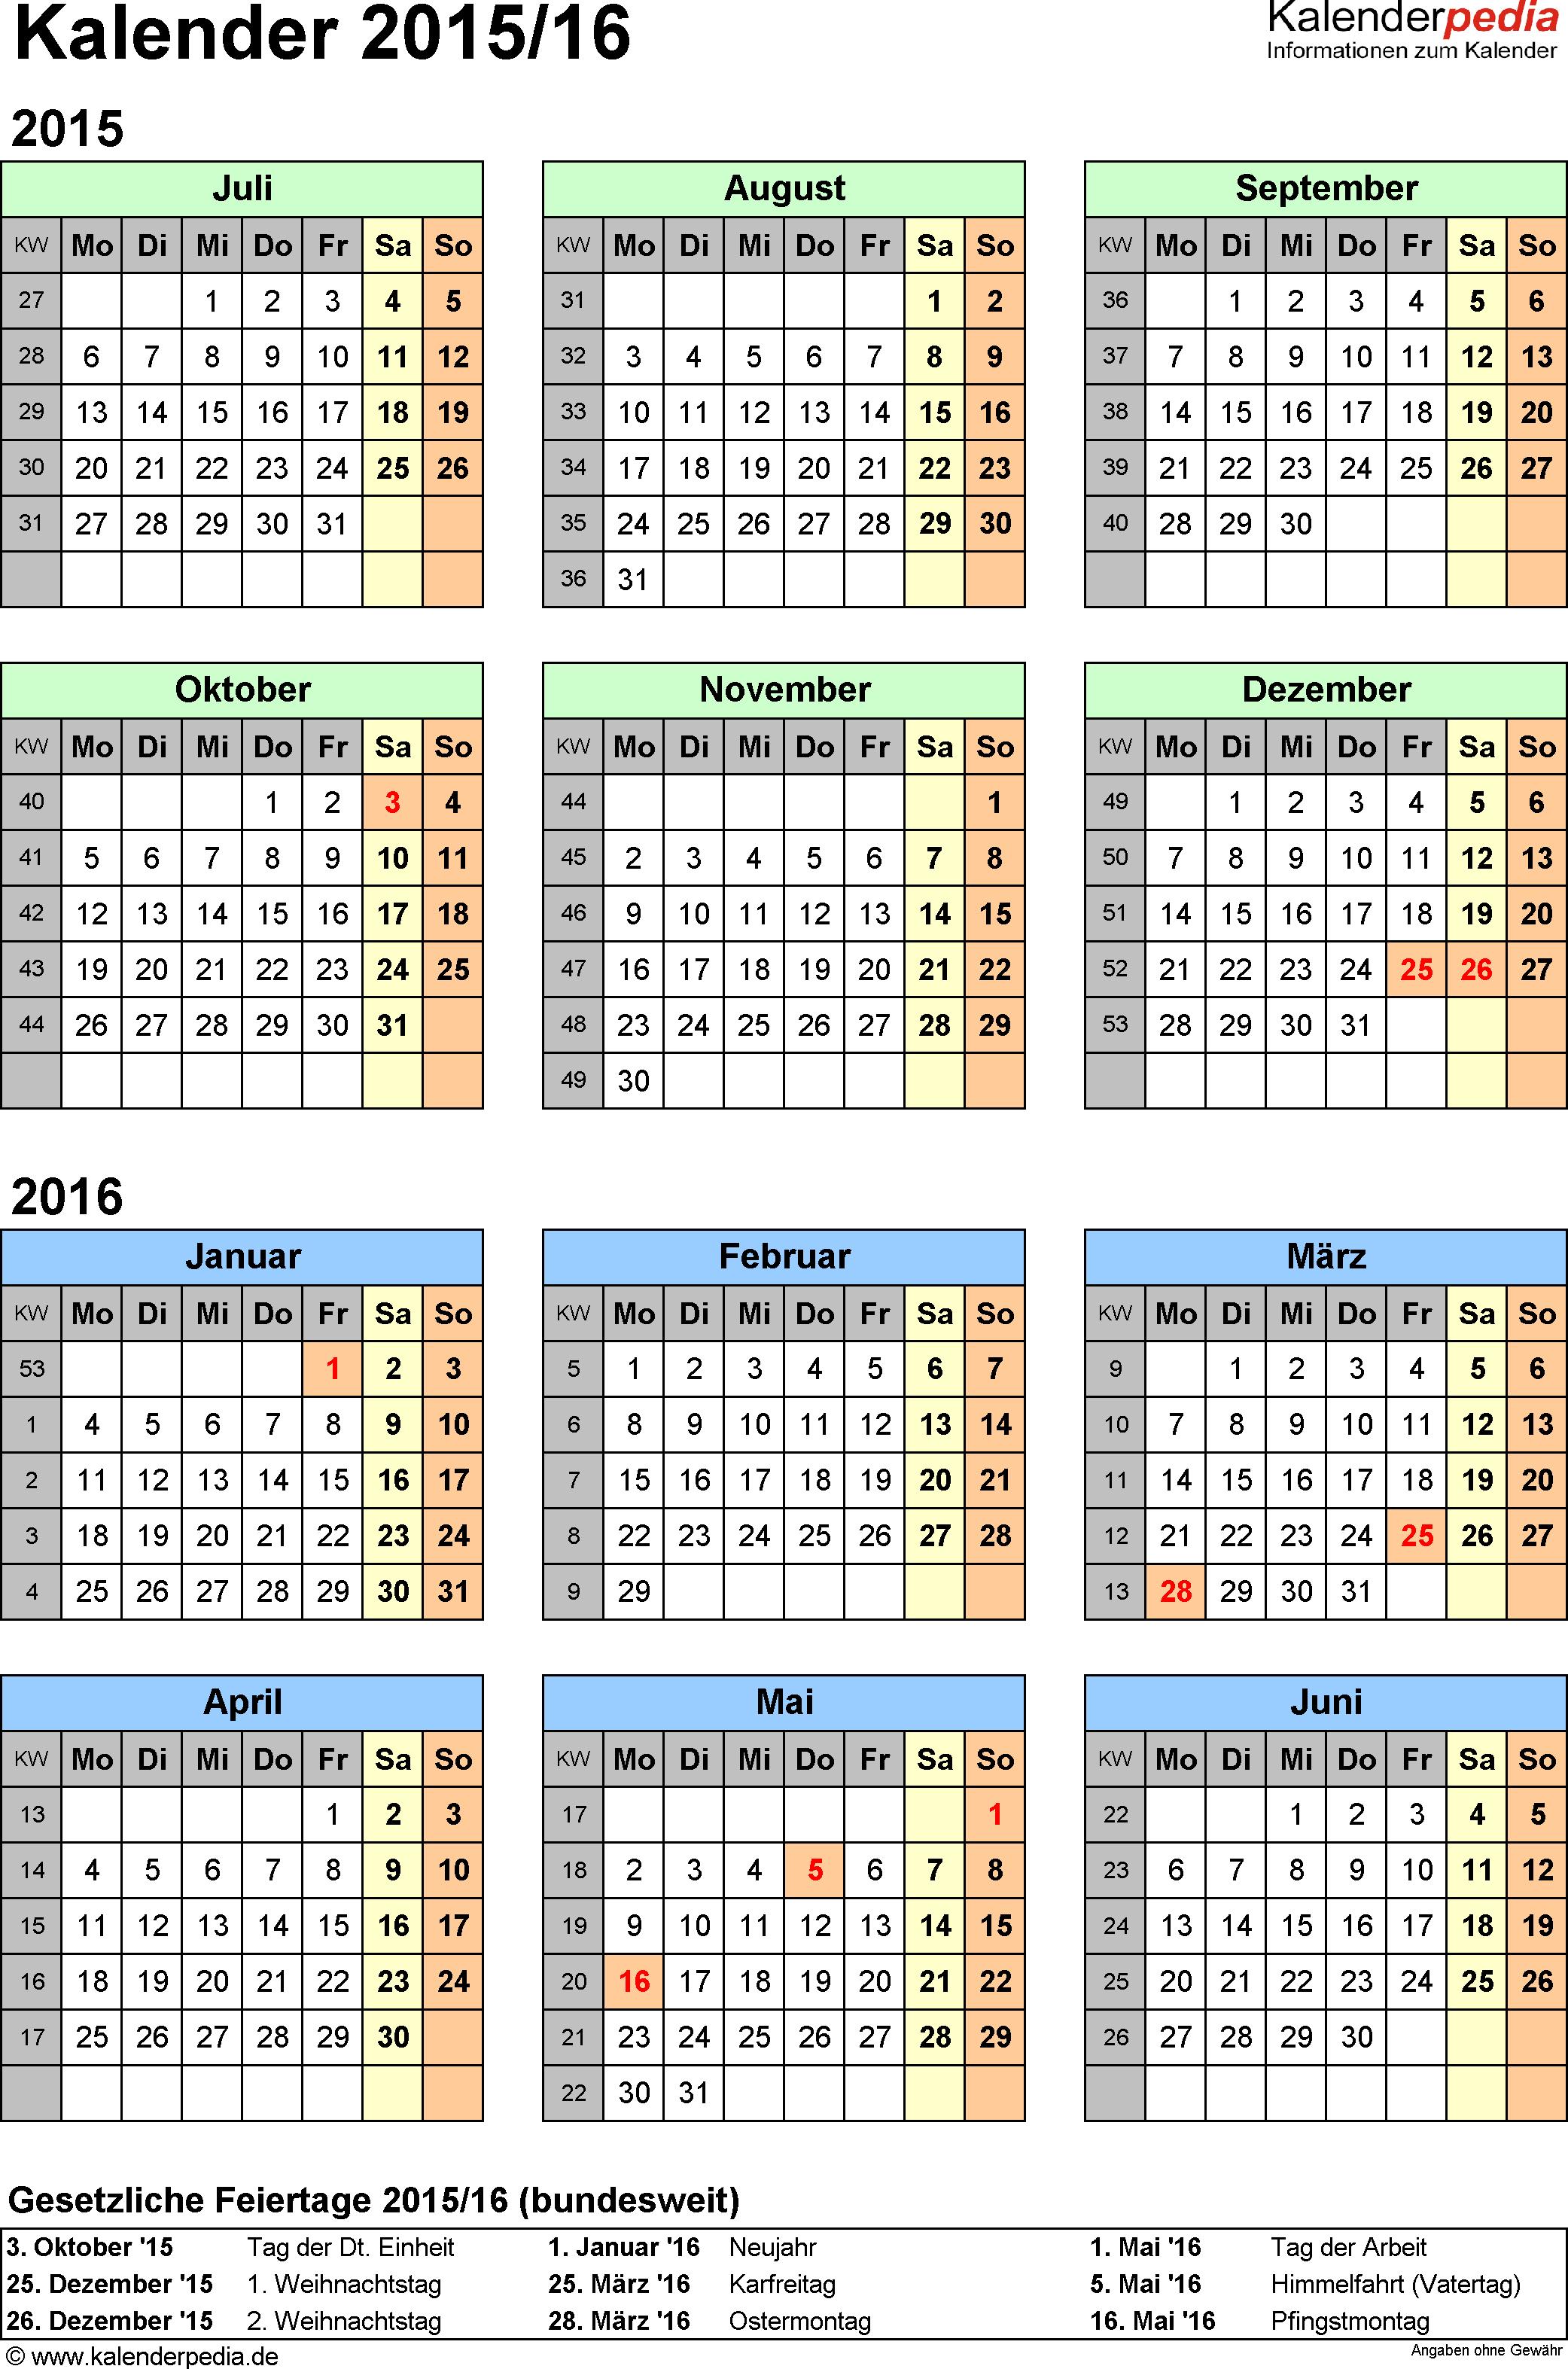 PDF-Vorlage für Halbjahr-Kalender 2015/2016 (Hochformat, 1 Seite, Jahresübersicht)